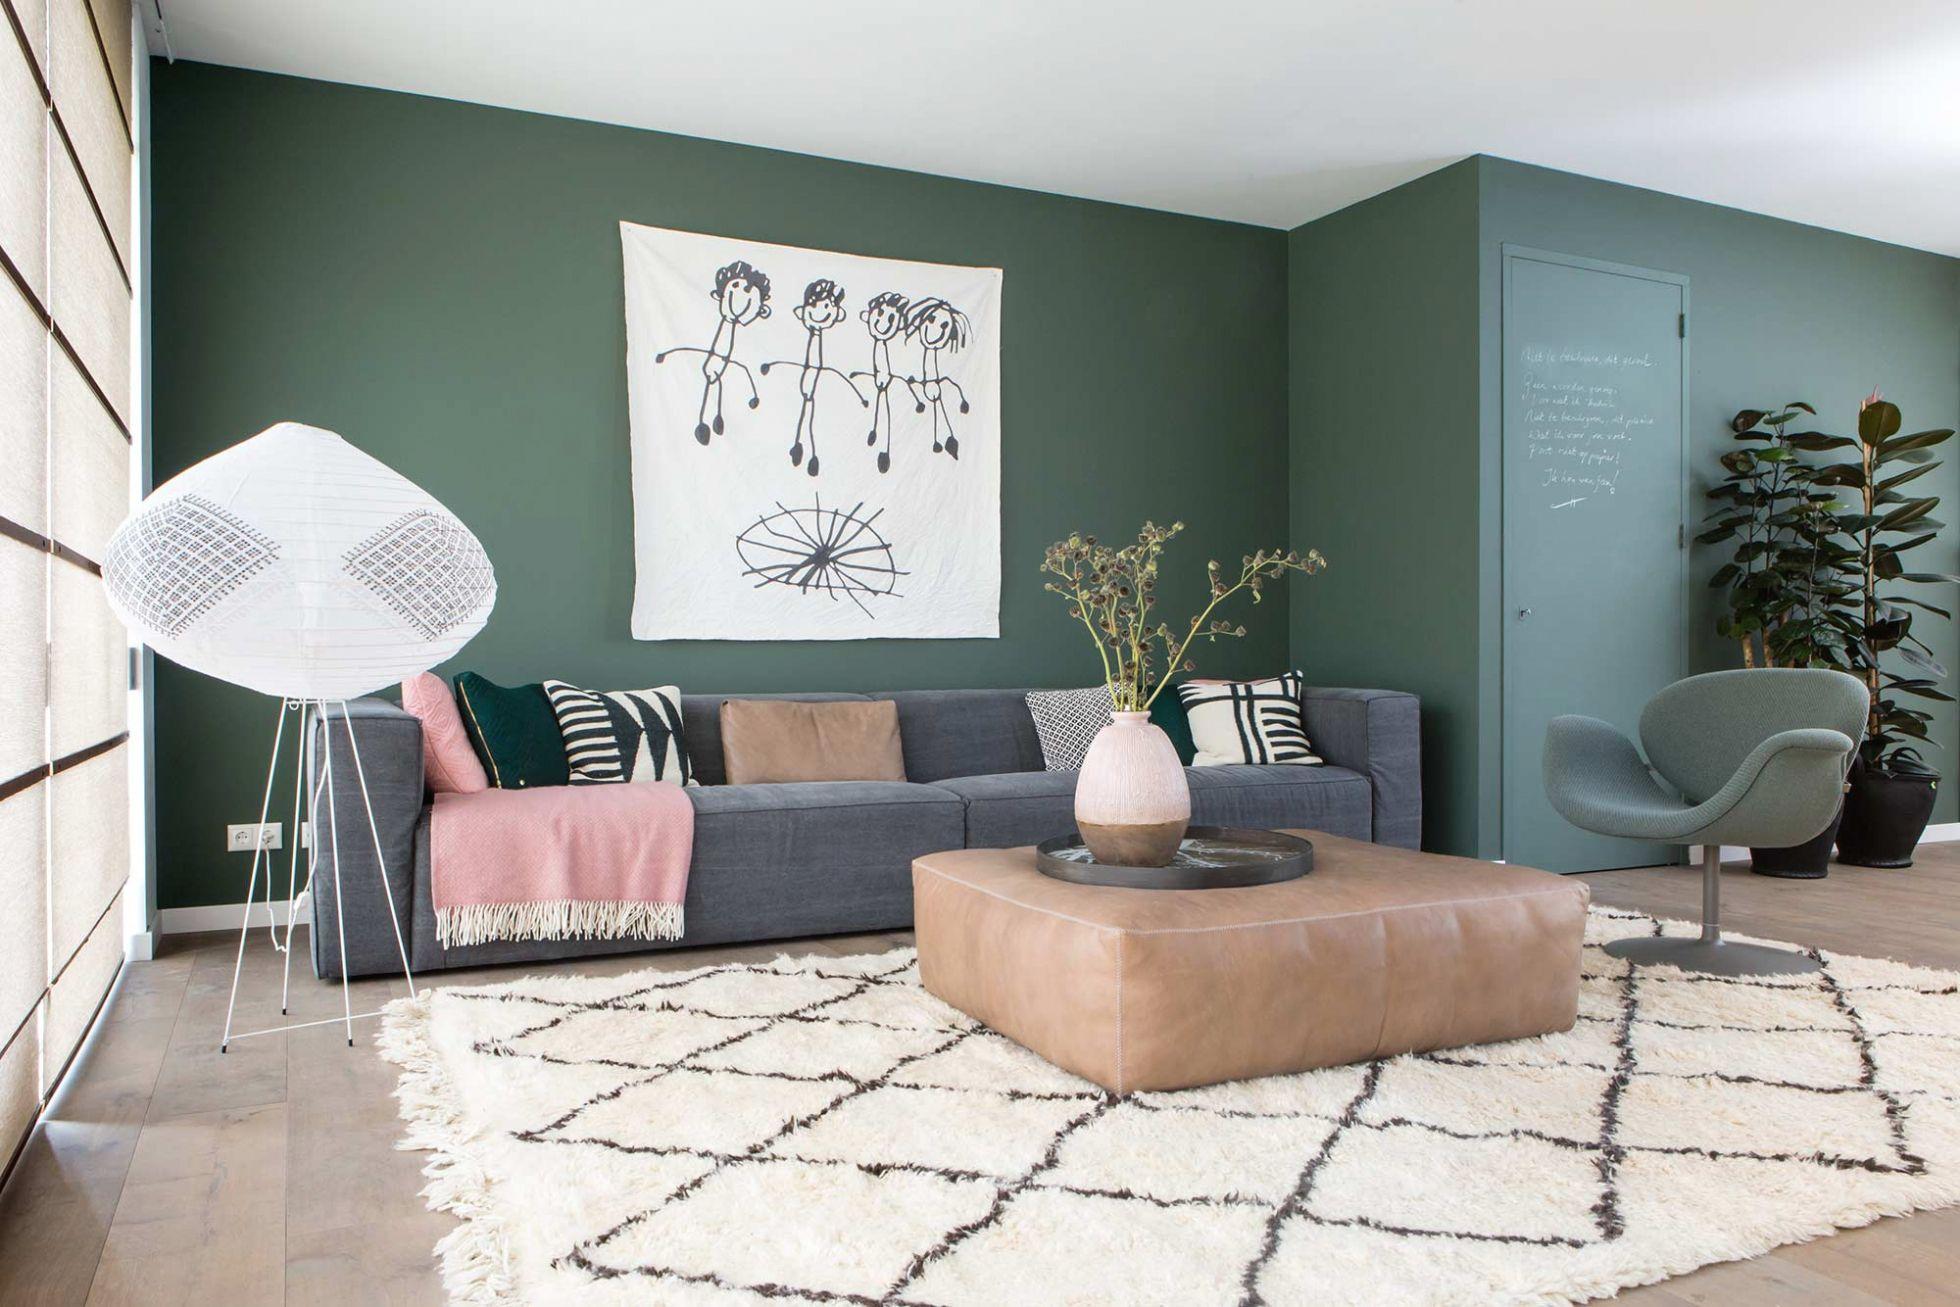 Afbeeldingsresultaat voor groene muur woonkamer nieuw huis